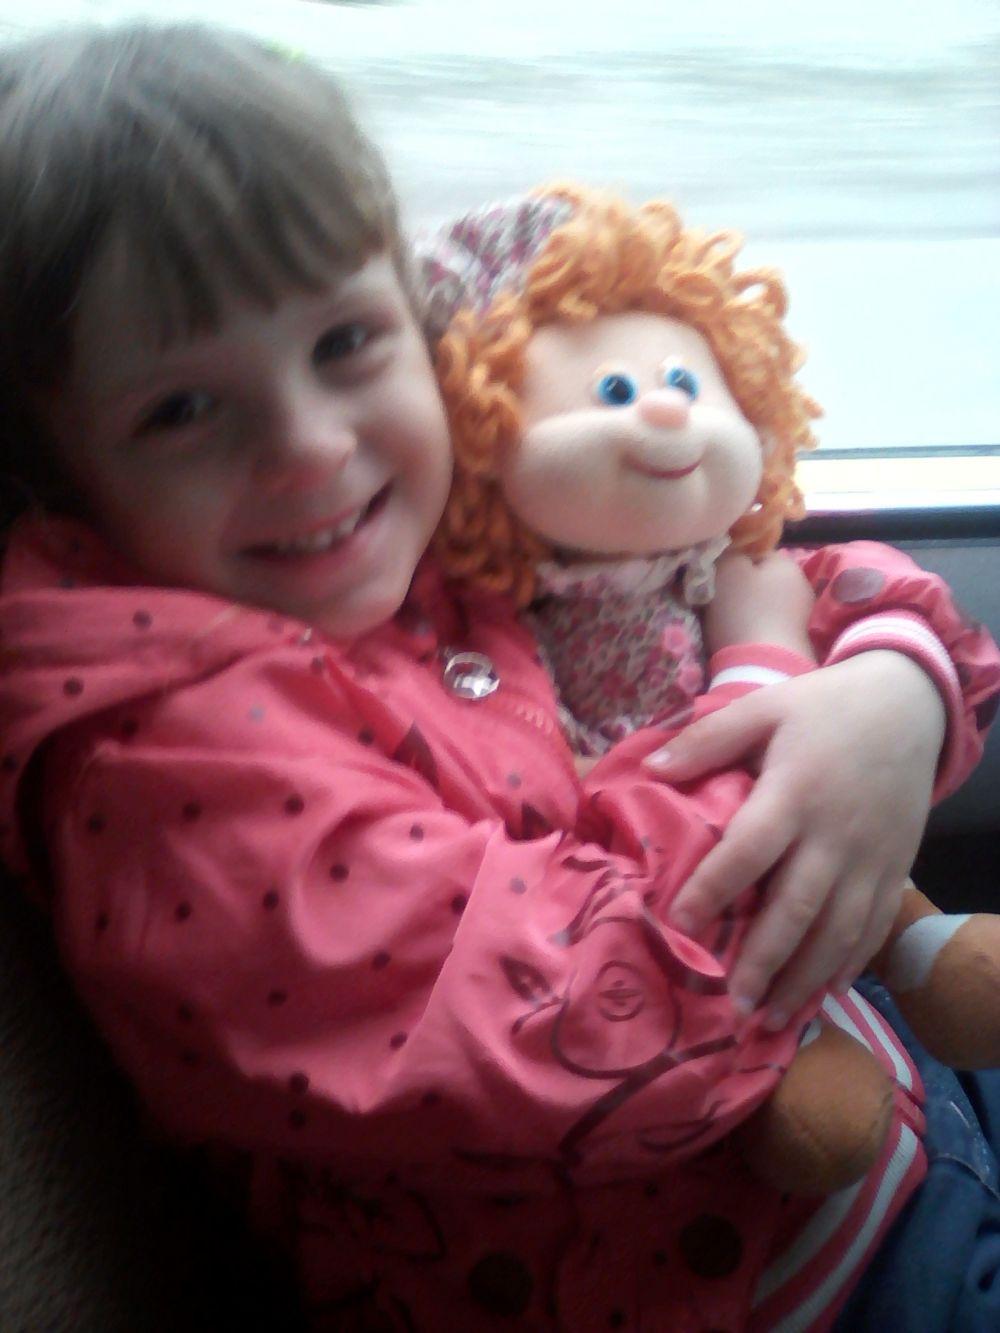 Алексенцева Мария, 3,6 года. Кукла мягкая Соня. Мне куколку подарили в День Рождения 1 годик. Куколка музыкальная, везде беру ее с собой. И спит она со мной.